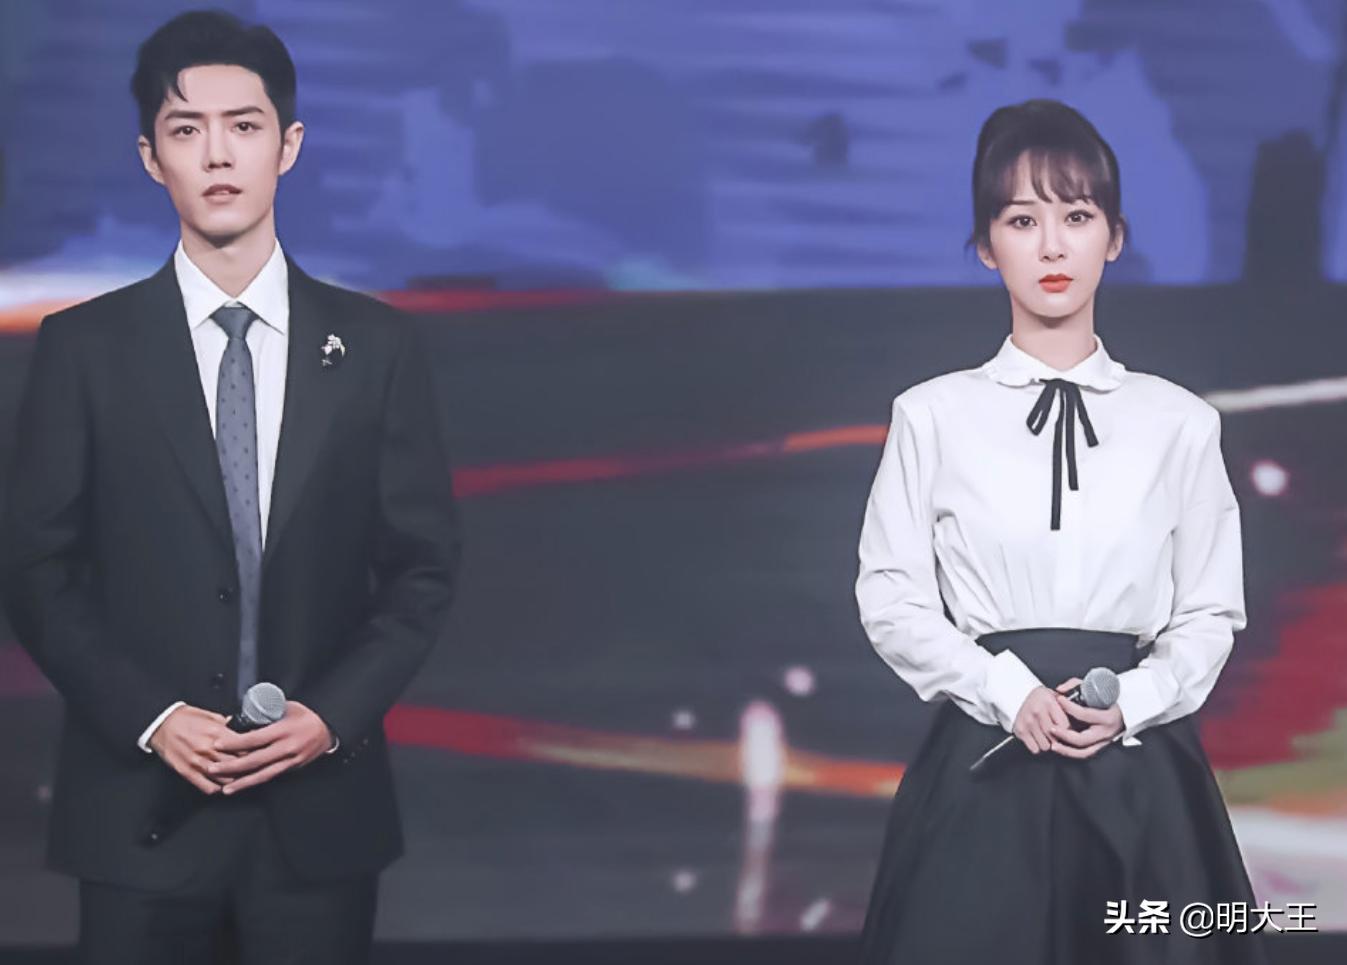 2020微博之夜,肖战和杨紫的诗朗诵、韩红的一份名单备受瞩目